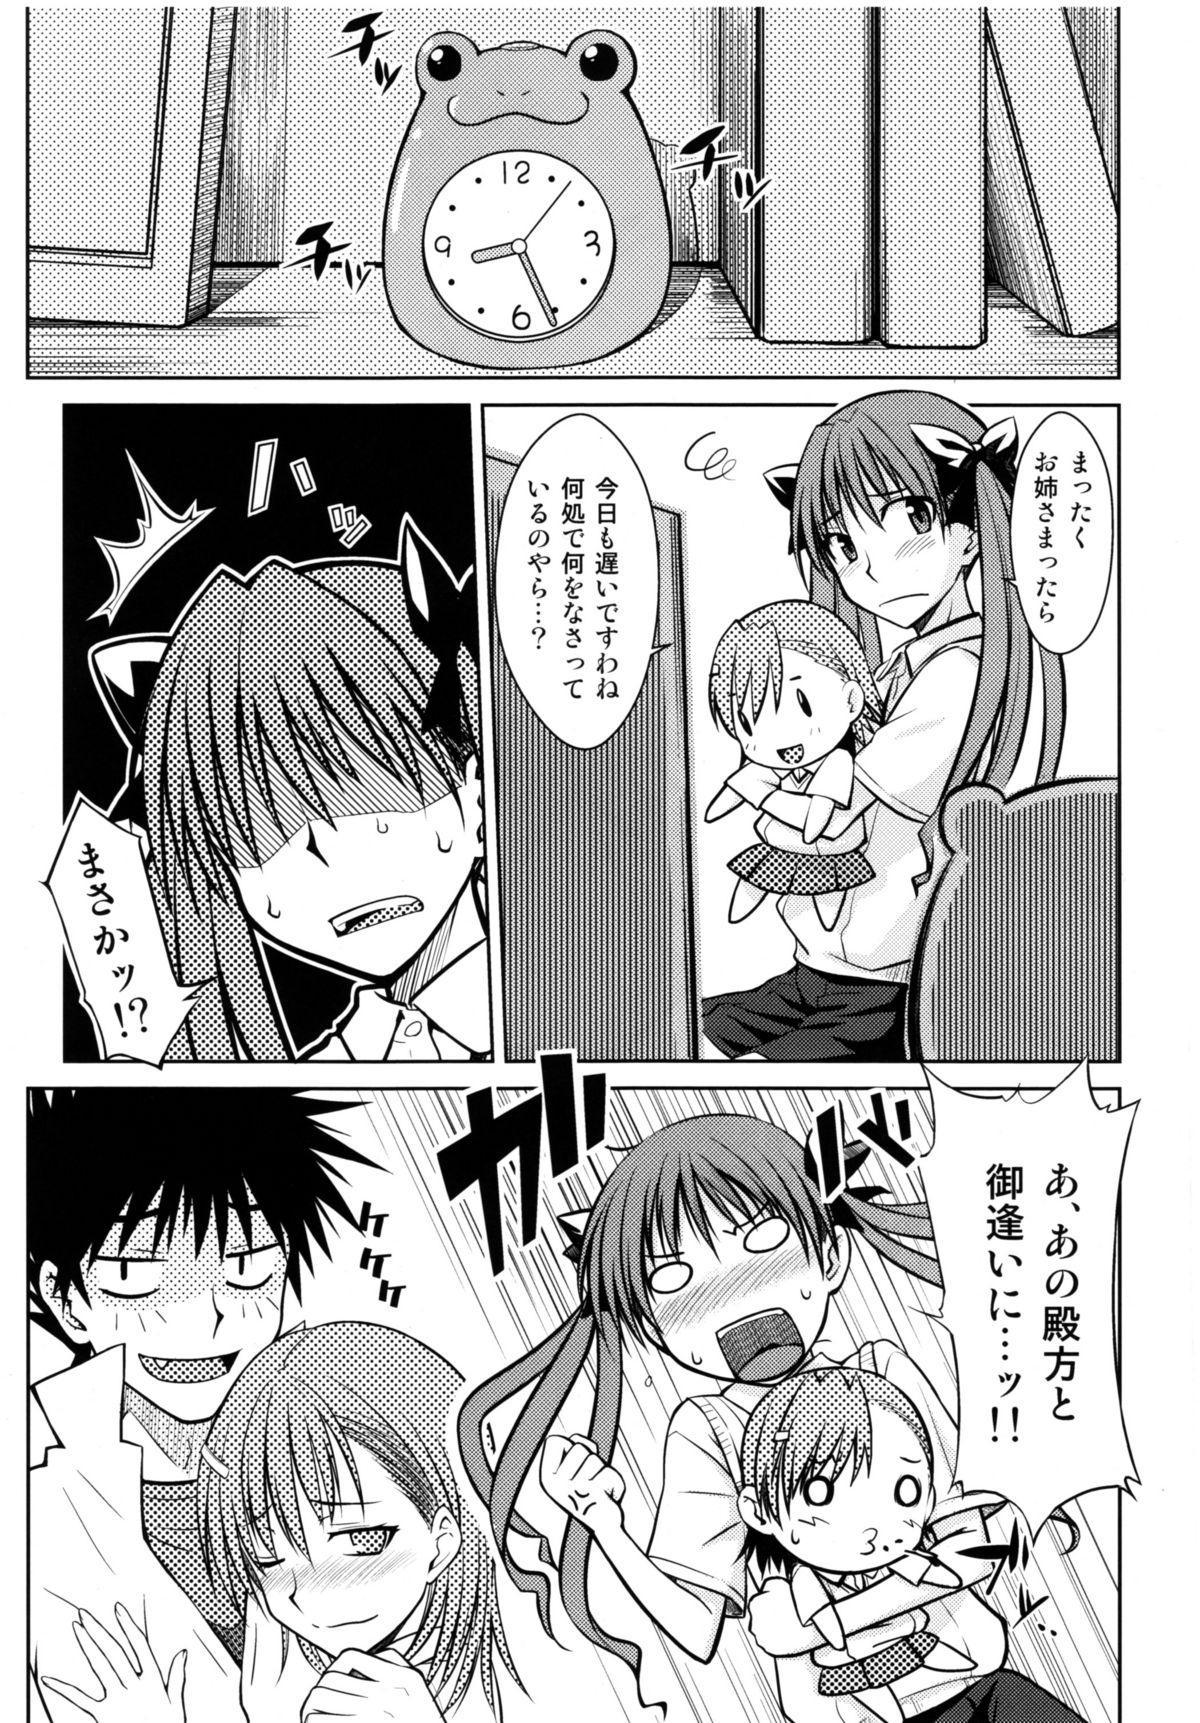 Toaru Himitsu no Onee-sama 3